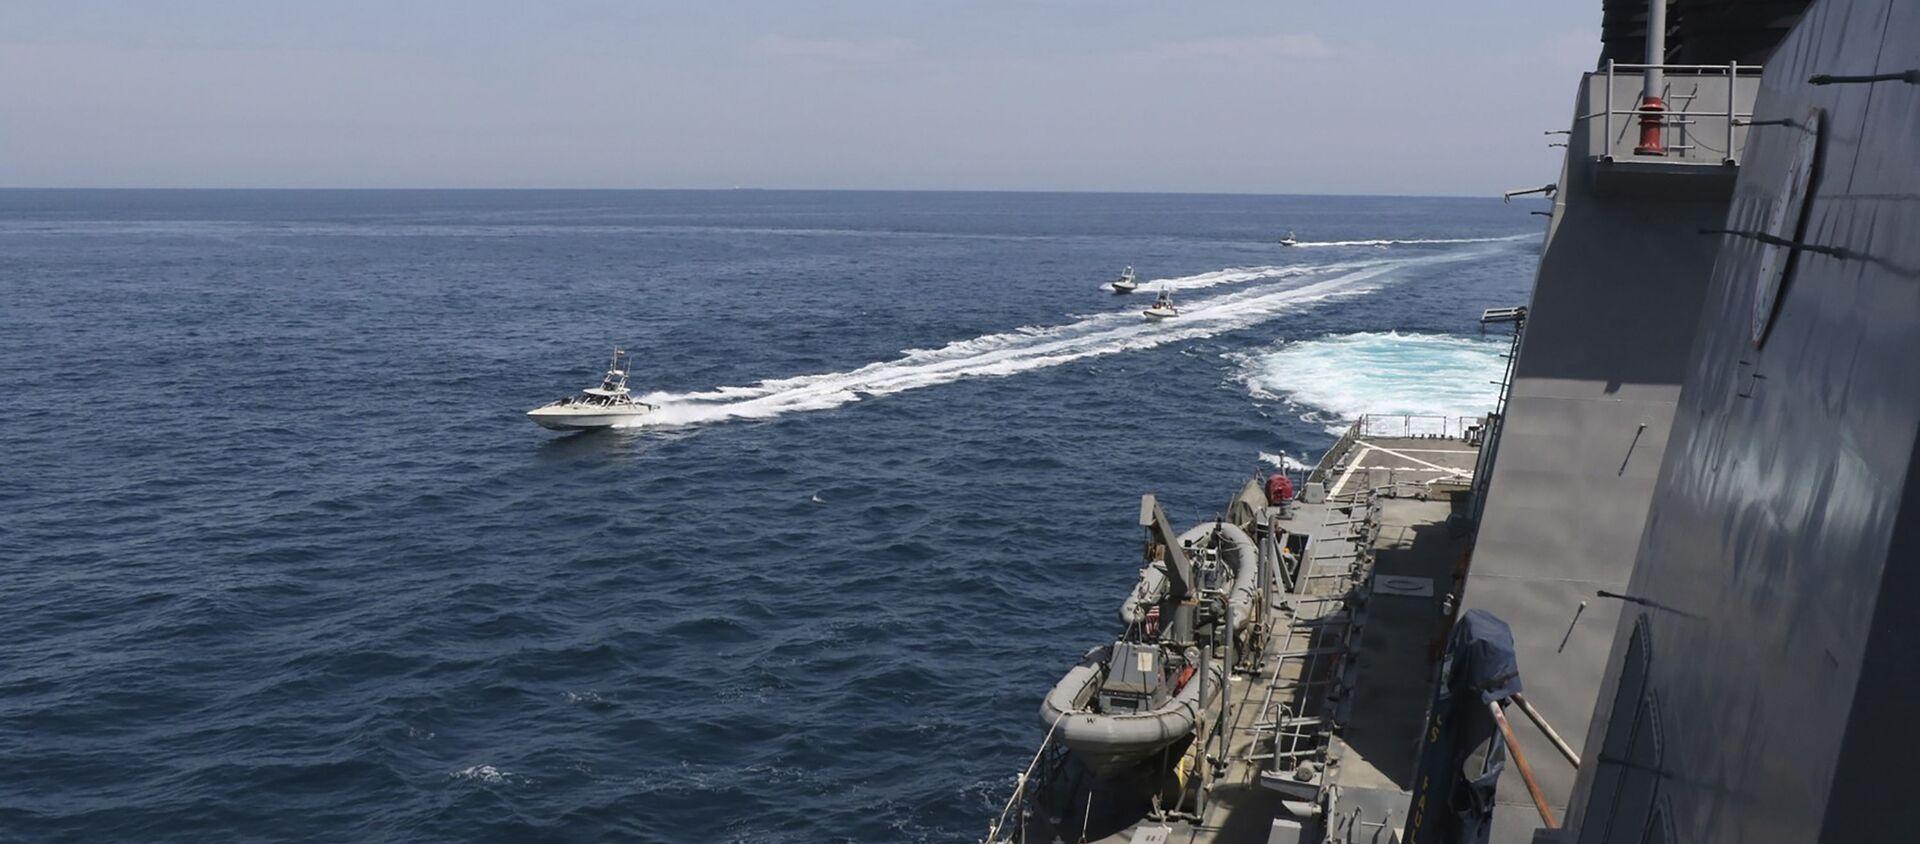 Una motovedetta della Guardia Rivoluzionaria naviga in prossimità di una nave militare della Marina USA nel Golfo Persico, nei pressi del Quwait, 15 aprile 2020 - Sputnik Italia, 1920, 28.04.2021